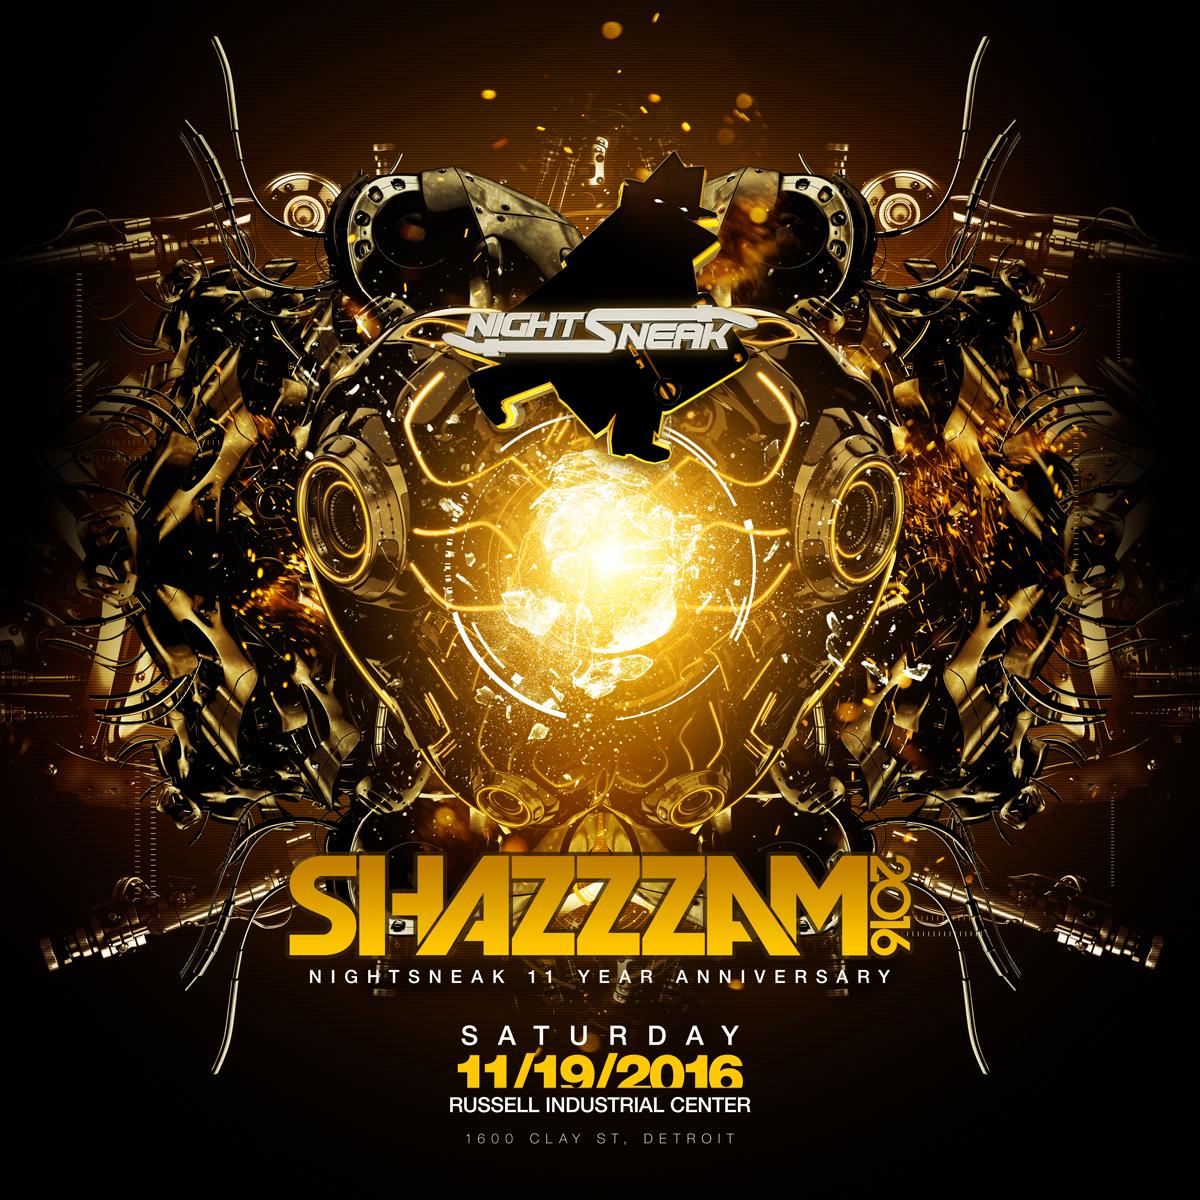 Shazzam 2016